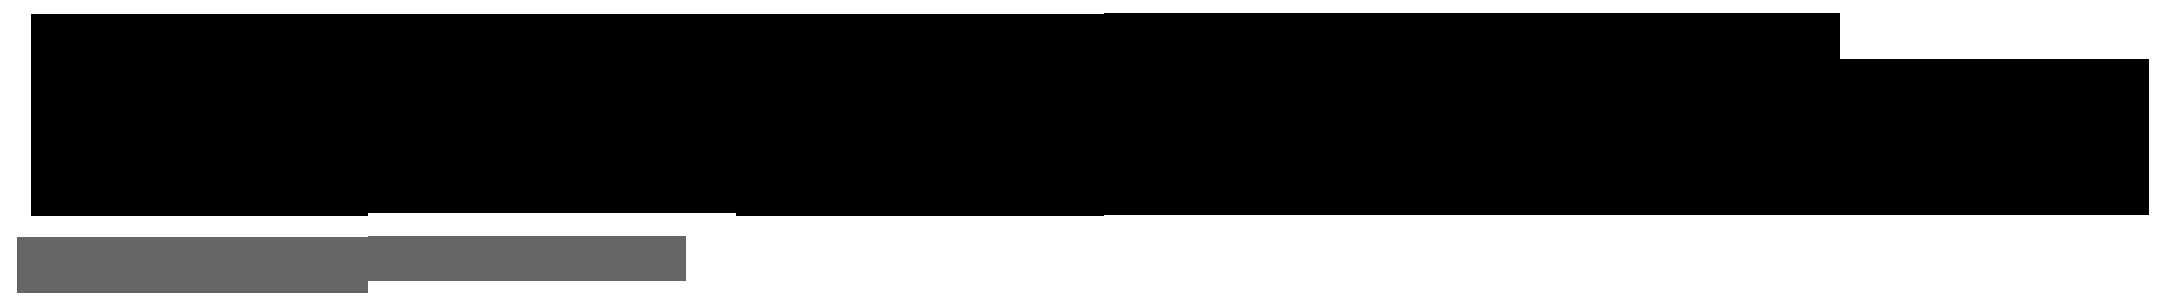 Cuffaro Cuffaro Retina Logo